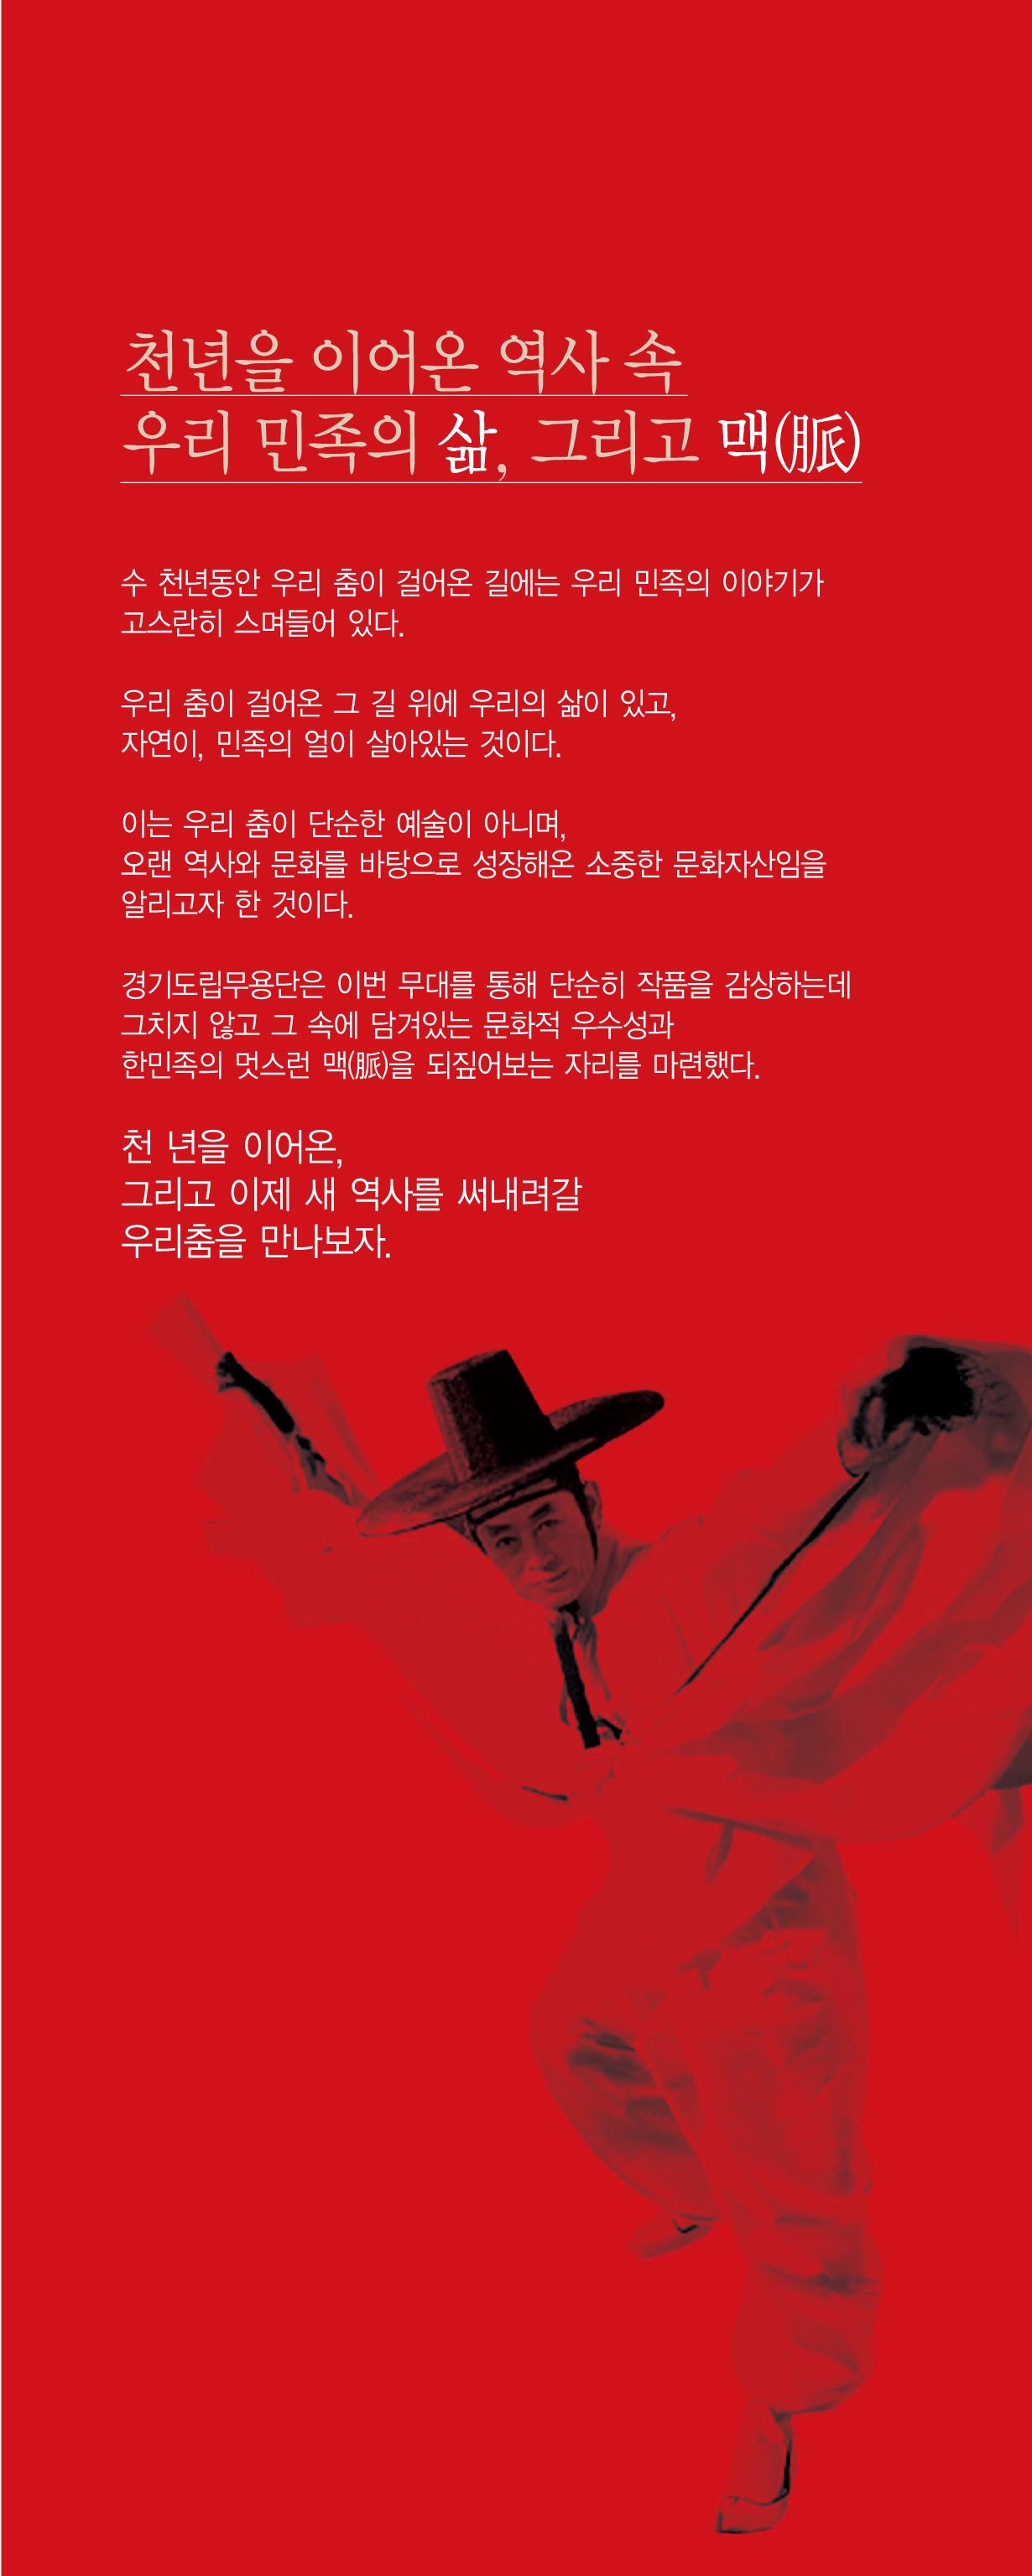 무맥천년-리플렛수정3-1.jpg